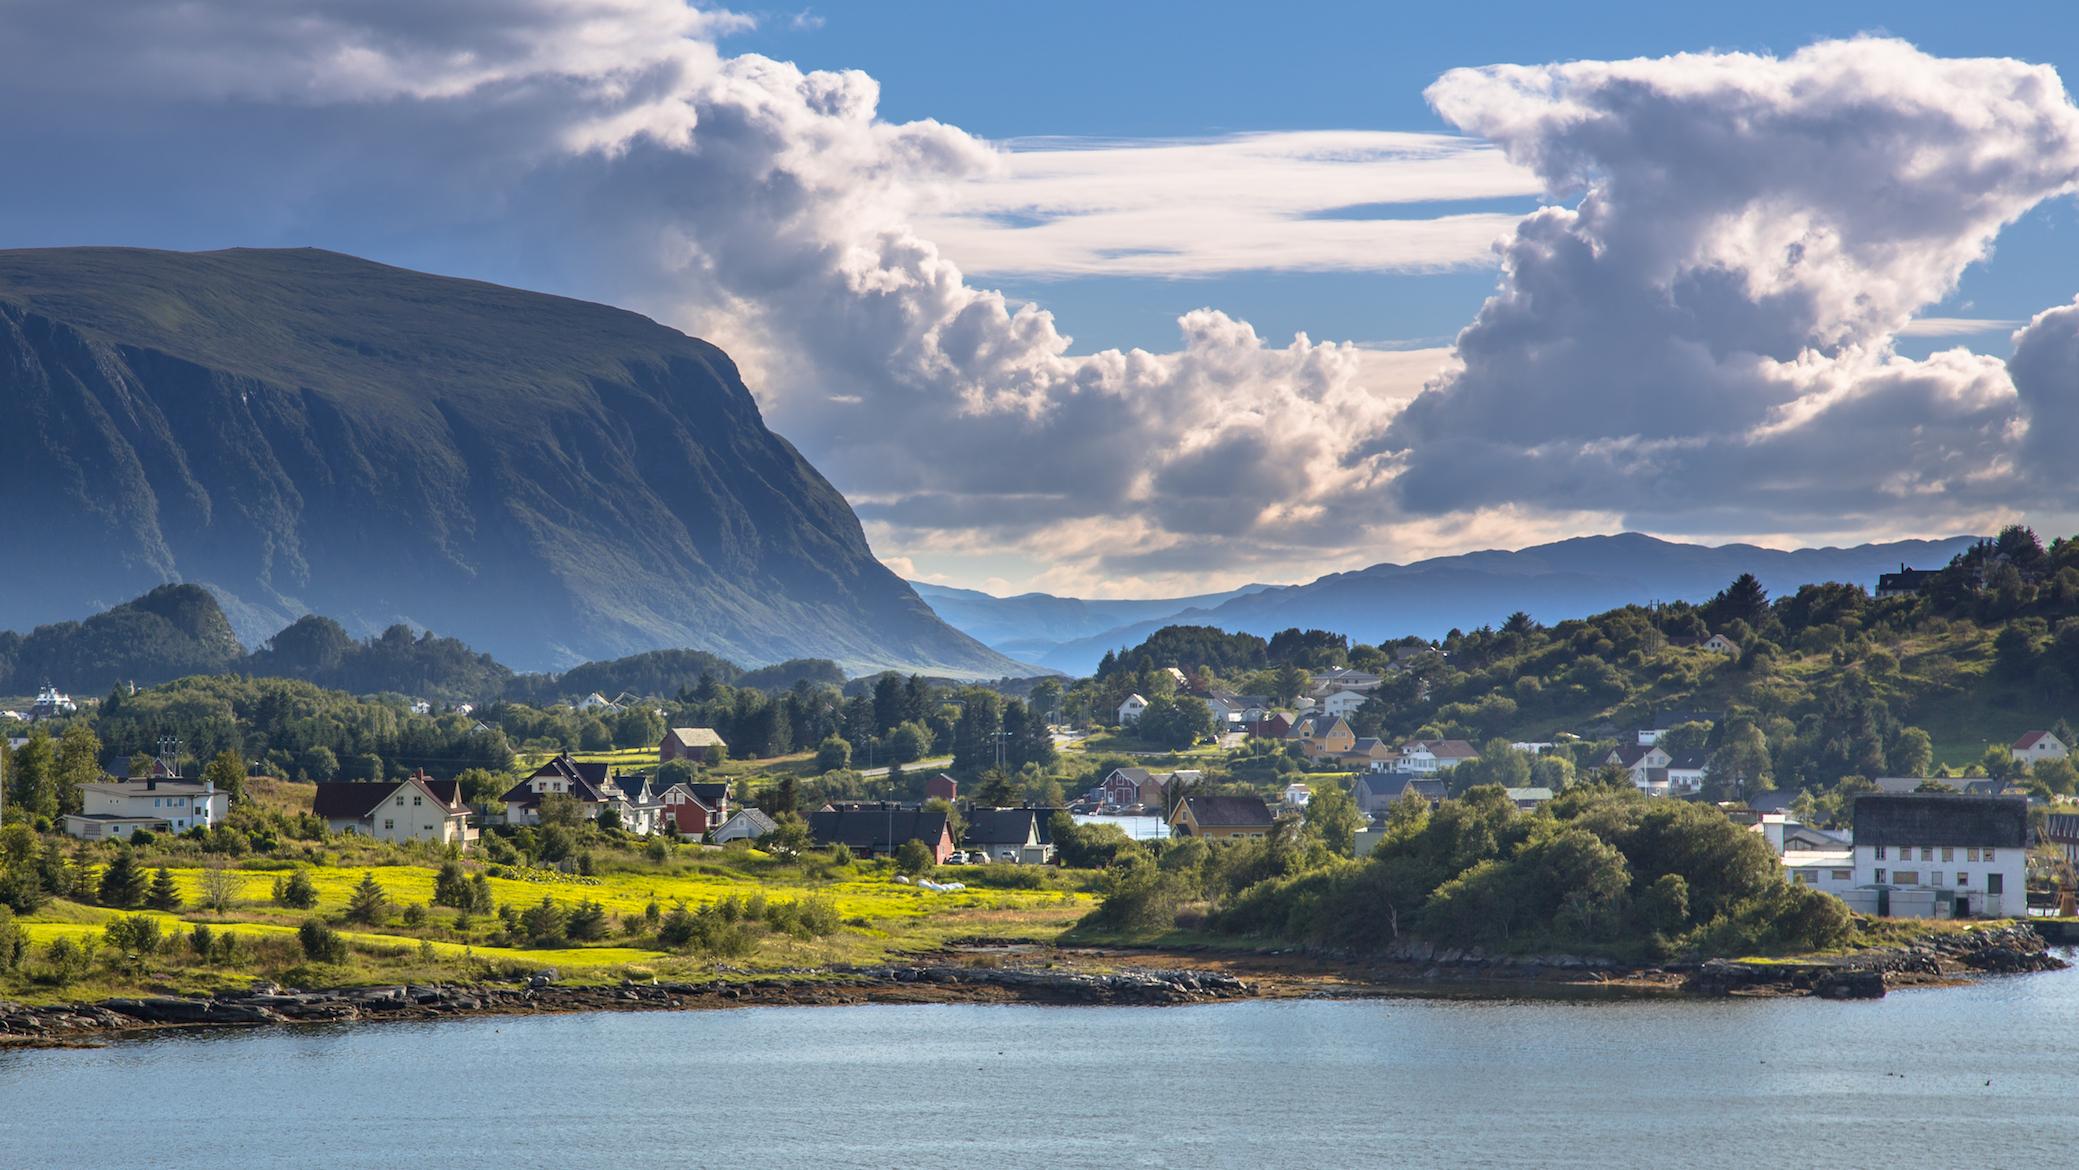 paisaje-y-pueblo-en-Noruega-el estilo-nordico-coincide-bastante-con el-estilo-de-hogar-sostenible